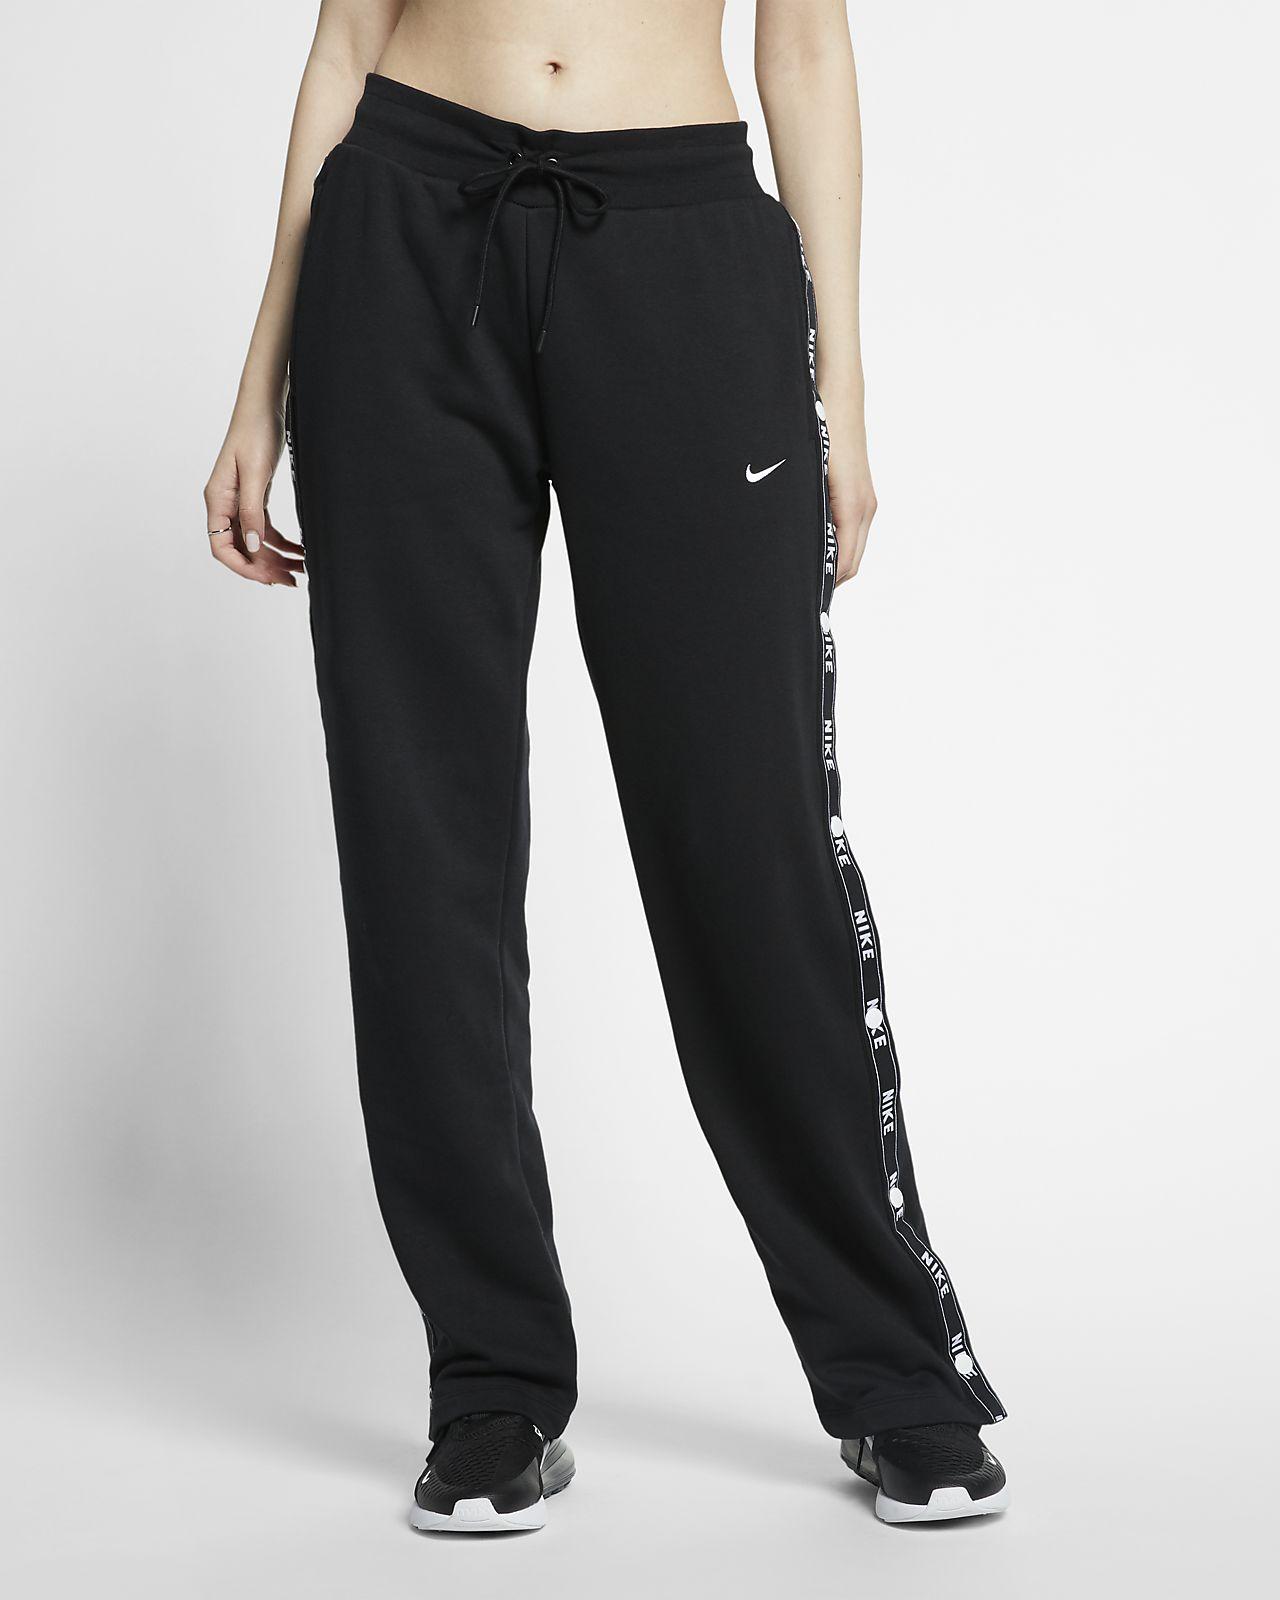 Pantalon avec logo Nike Sportswear pour Femme